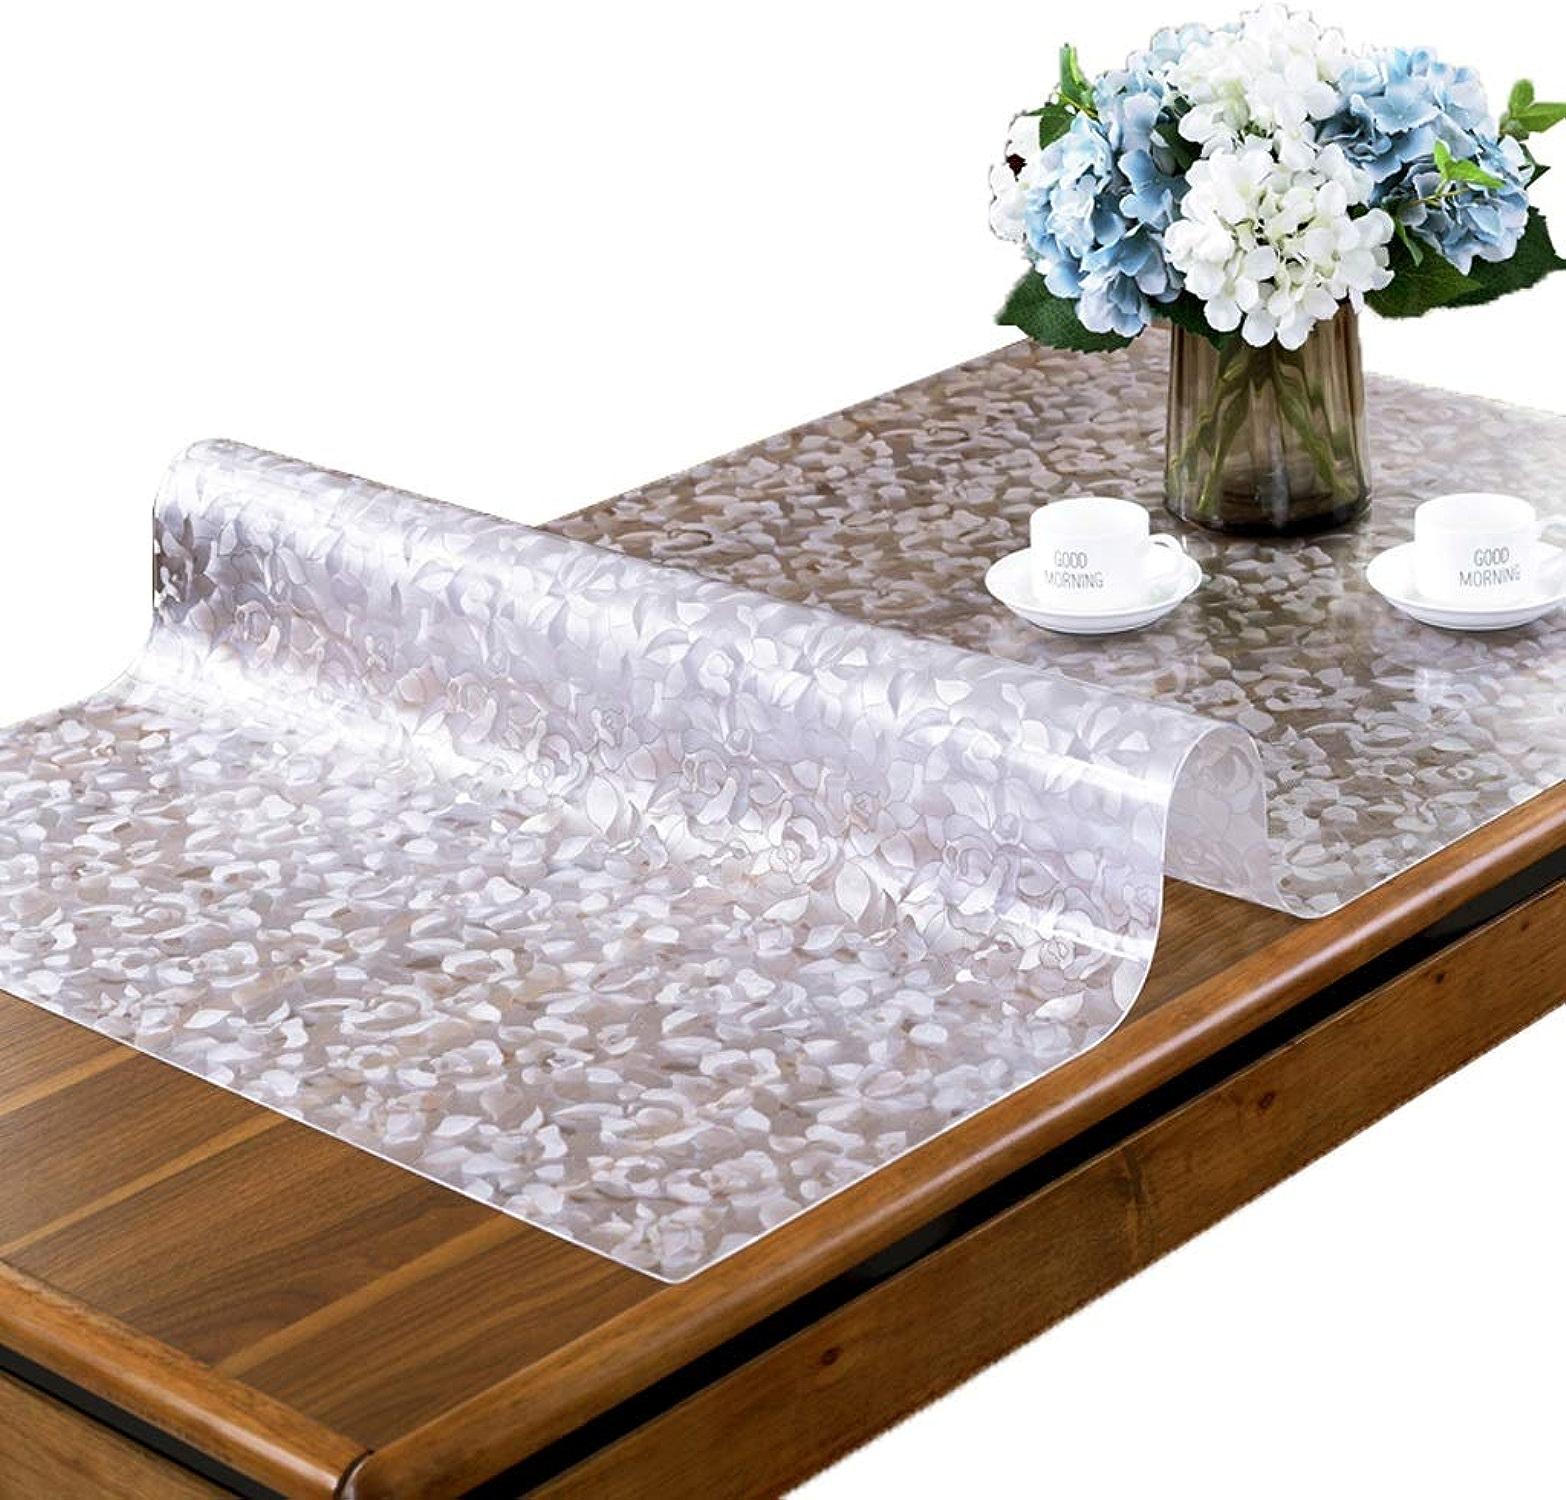 Nappe Imperméable Rectangulaire PVC Imperméable Imprimé Anti-Tache Entrecravaten Facile Prougeège Table Meuble Pour Cuisine Restaurant Résistant SYHZHY (Taille   85  145cm)